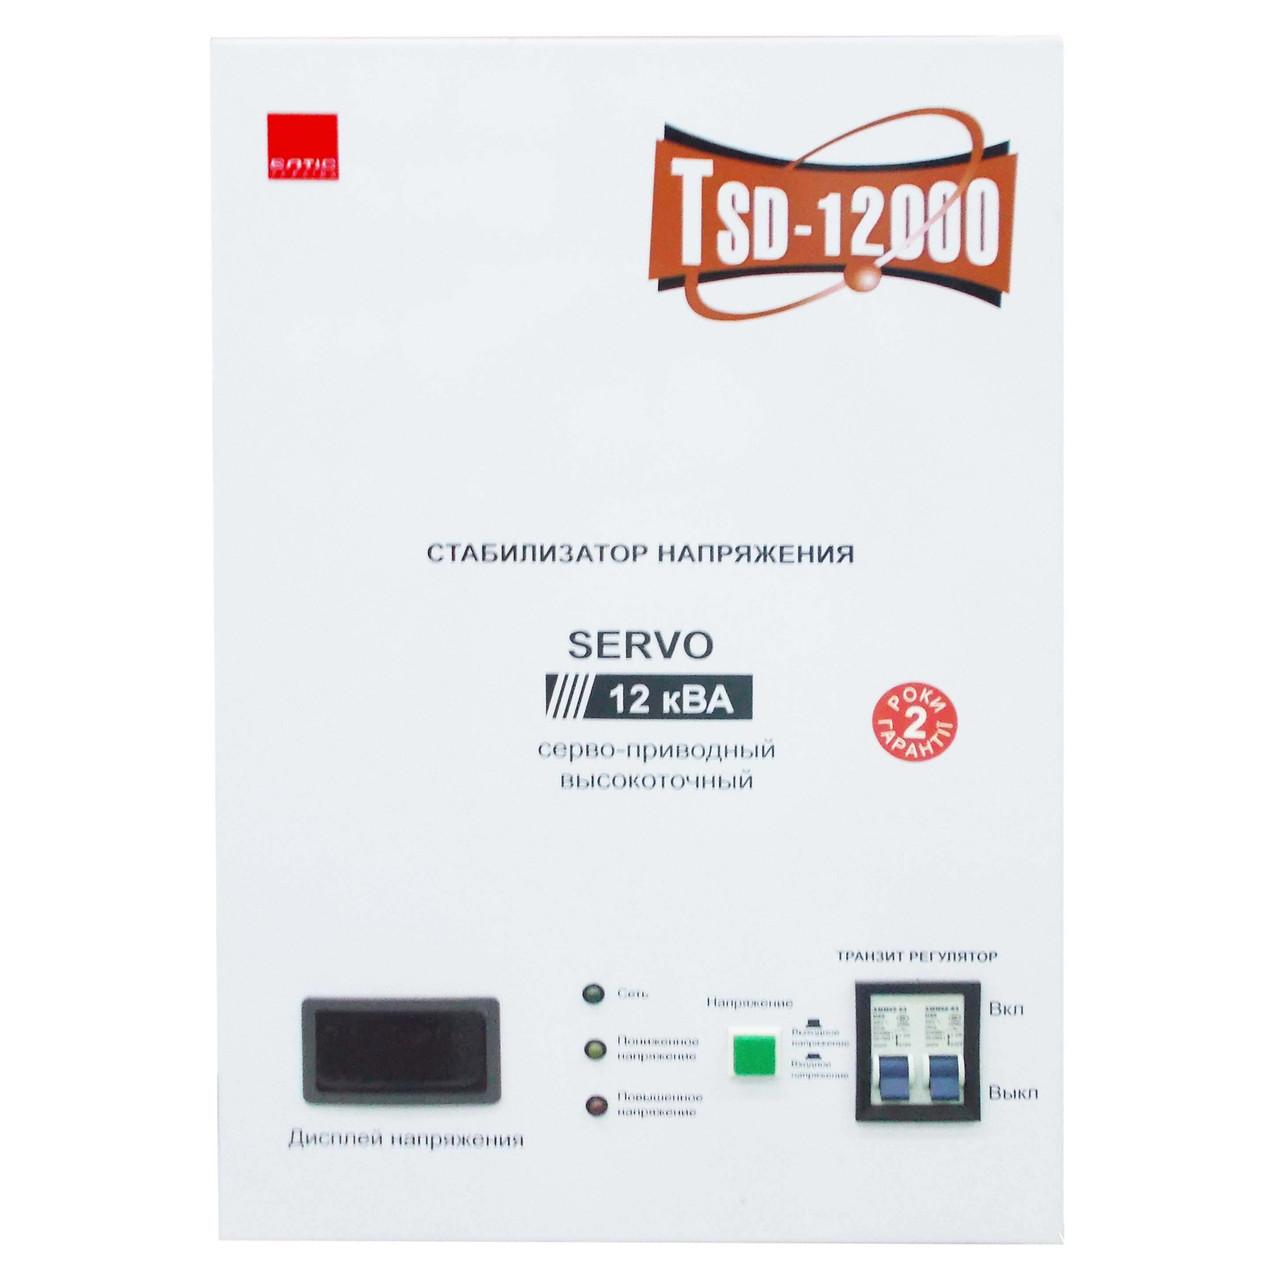 Однофазный сервоприводный стабилизатор напряжения Елтис TSD-12000VA LED настенный